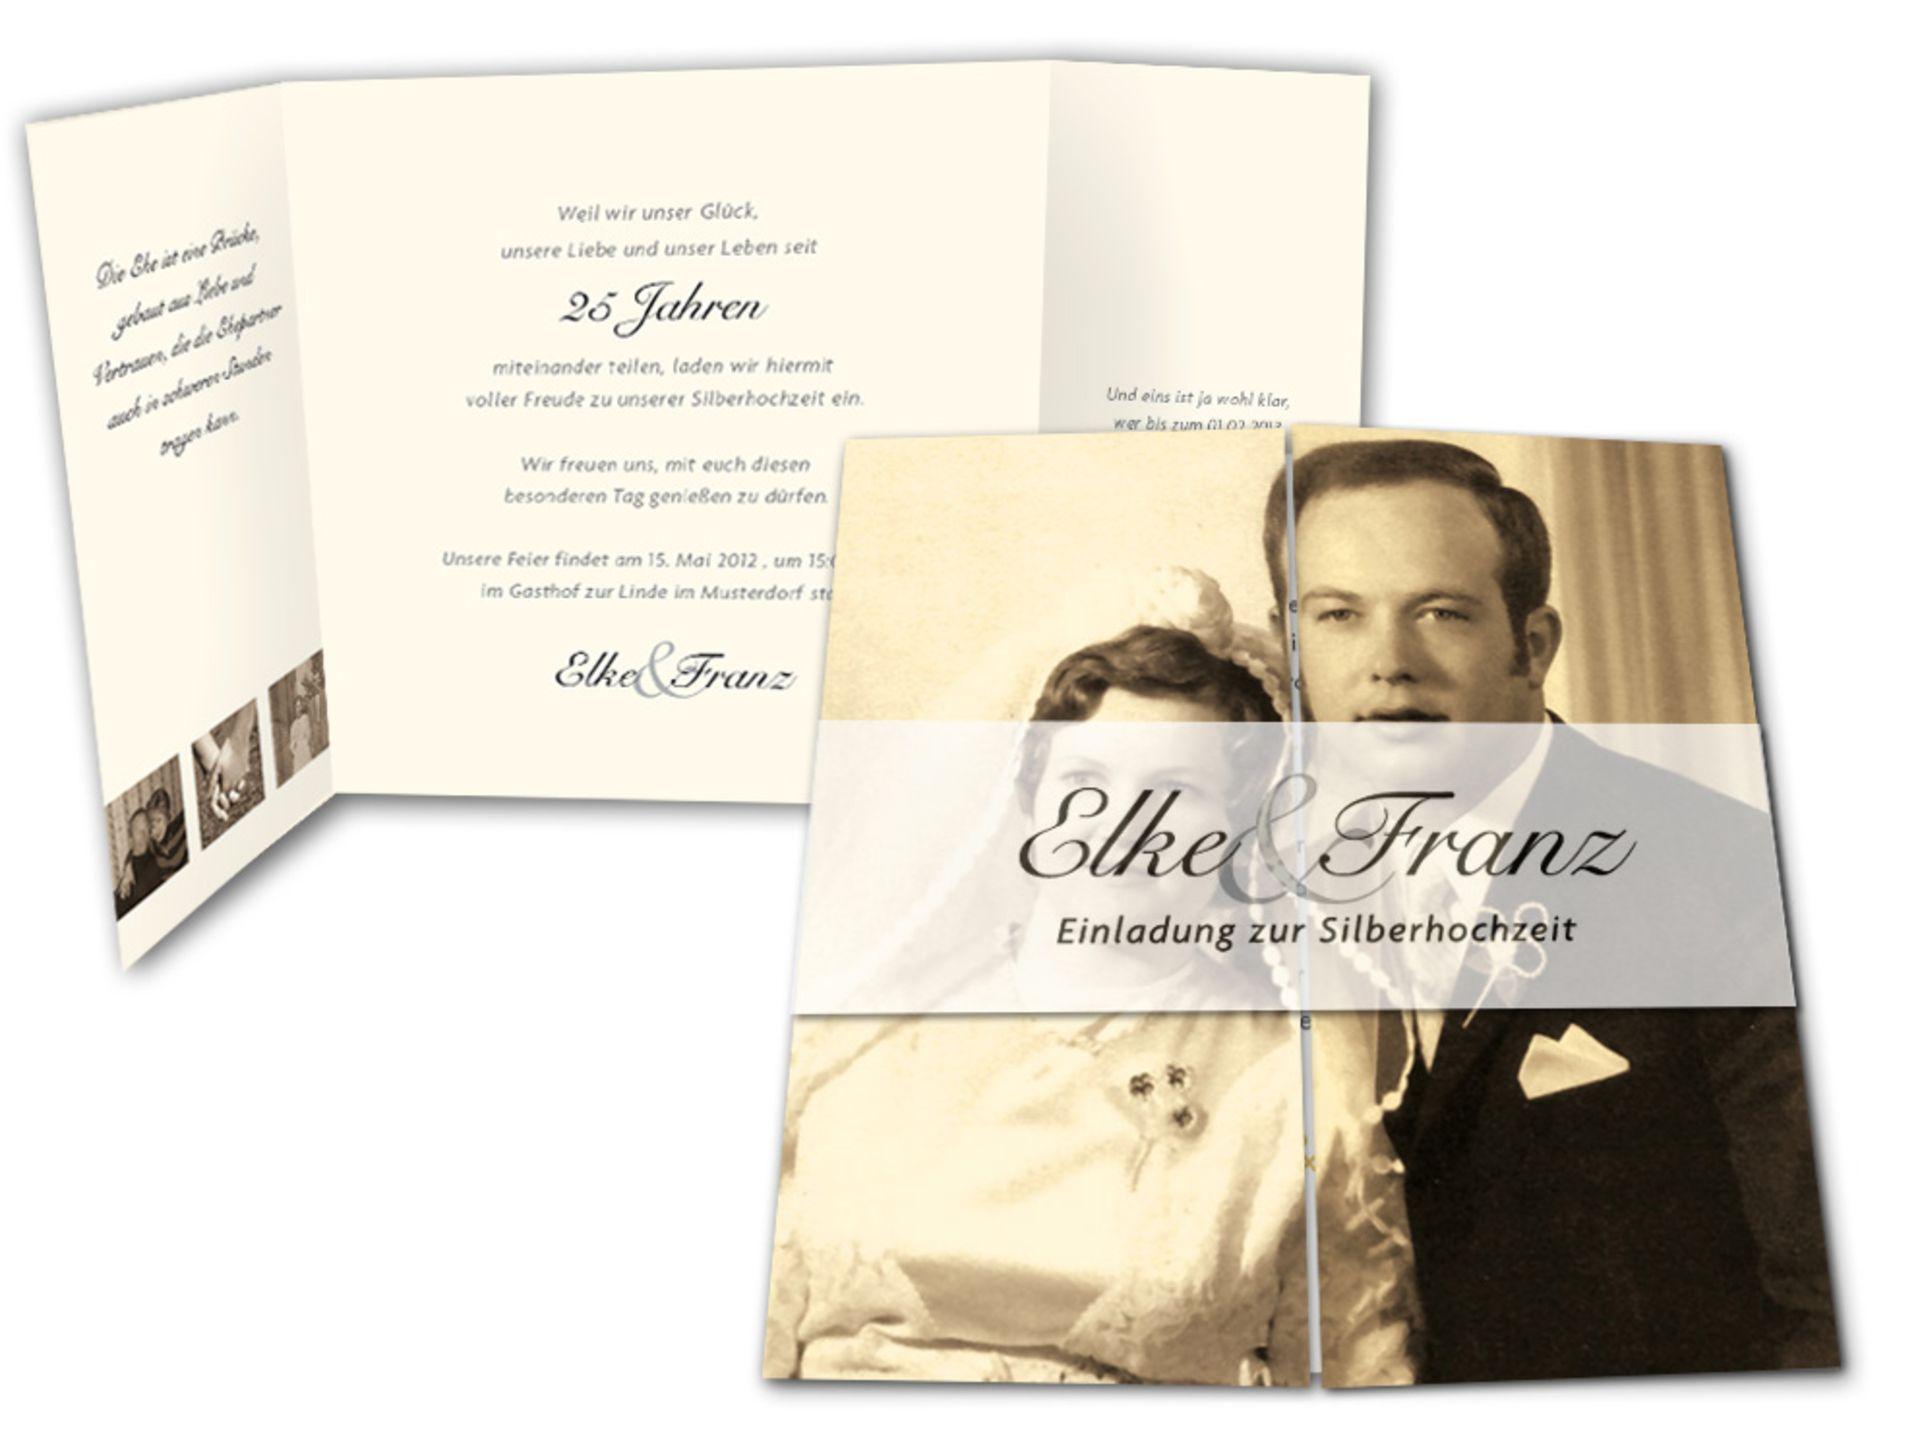 Fotoeinladung Zur Silbernen Hochzeit · Einladung Silberhochzeit Weisse Rose